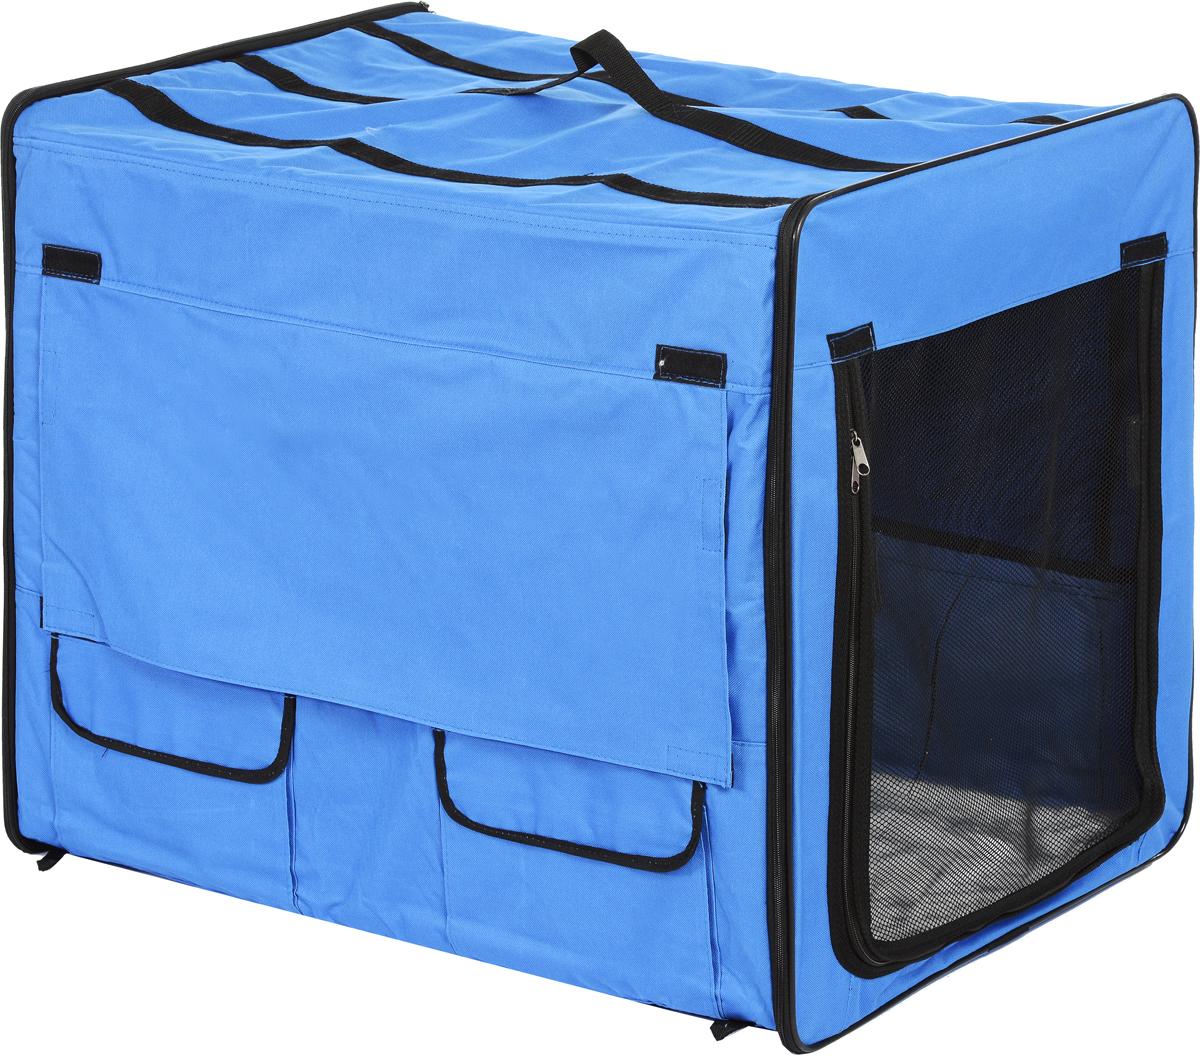 Клетка для животных Заря-Плюс, выставочная, цвет: голубой, черный, 75 х 60 х 50 см0120710Клетка для животных Заря-Плюс предназначена для показа кошек и собак на выставках. Она изготовлена из плотного текстиля. Клетка выполнена наполовину из сетки, которая при необходимости закрывается шторкой. В открытом состоянии сетку можно закрепить с помощью липучки. Изделие снабжено двумя небольшими карманами для мелочей и одним большим карманом. Одна из боковых частей палатки выполнена из сетки, которая пристегивается с помощью молнии. В комплект палатки входит съемное дно из ДВП и меховой матрац. При необходимости матрац легко снимается для стирки. В собранном виде палатка довольно компактна, при хранении занимает мало места. Палатка переносится в чехле, который входит в комплект. Для удобной переноски чехол имеет две короткие и одну длинную ручки, также на чехле имеется 2 больших кармана.